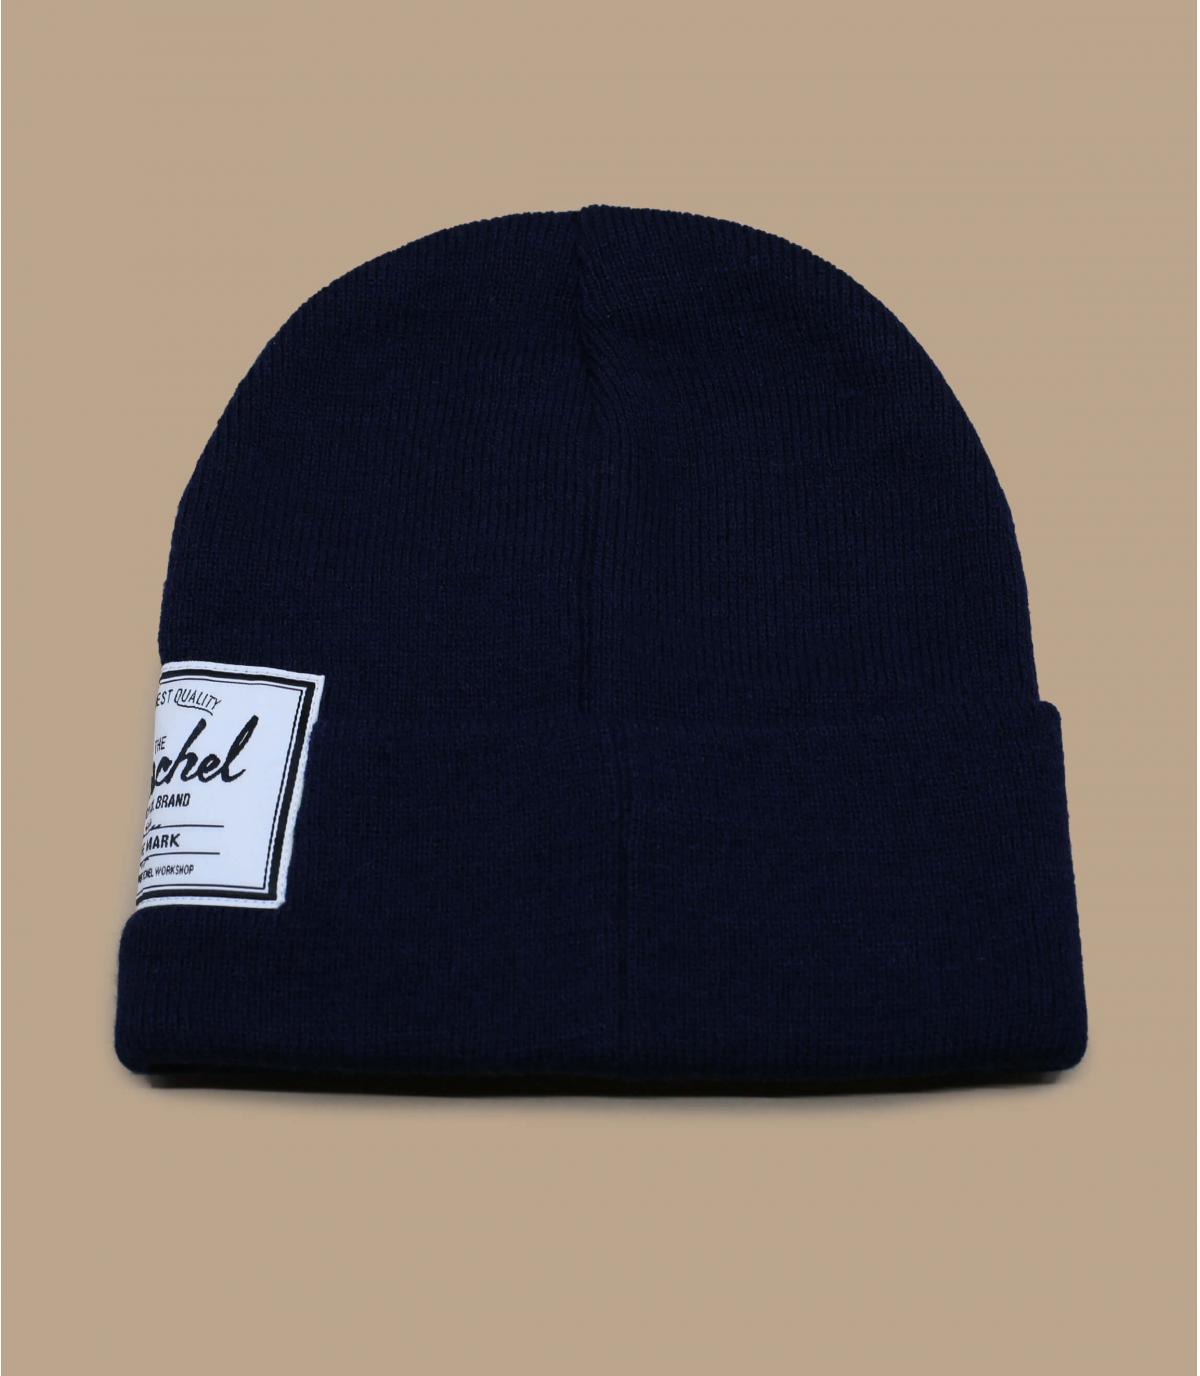 bonnet Herschel bleu marine